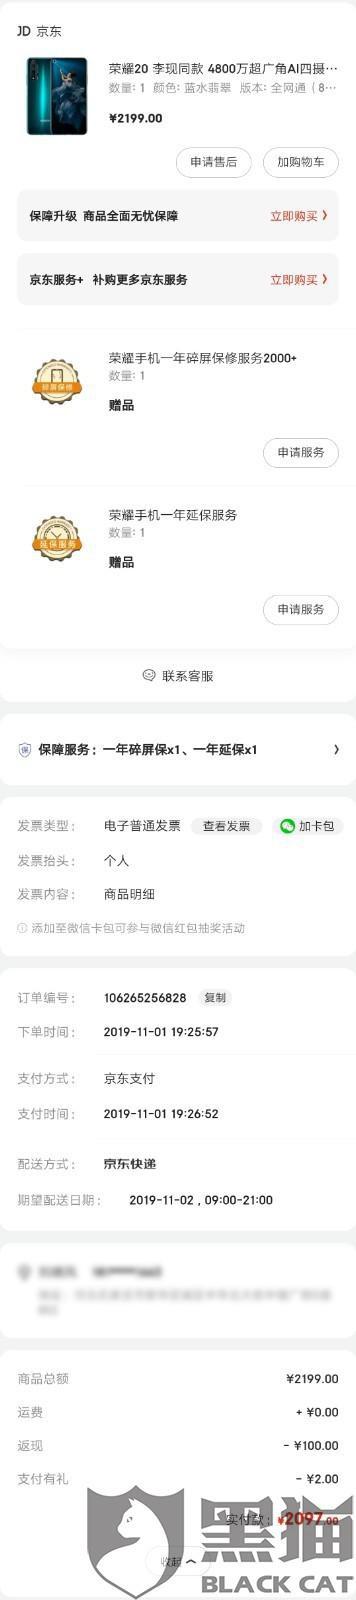 黑猫投诉:荣耀京东自营店,荣耀20手机降价不履行保价承诺